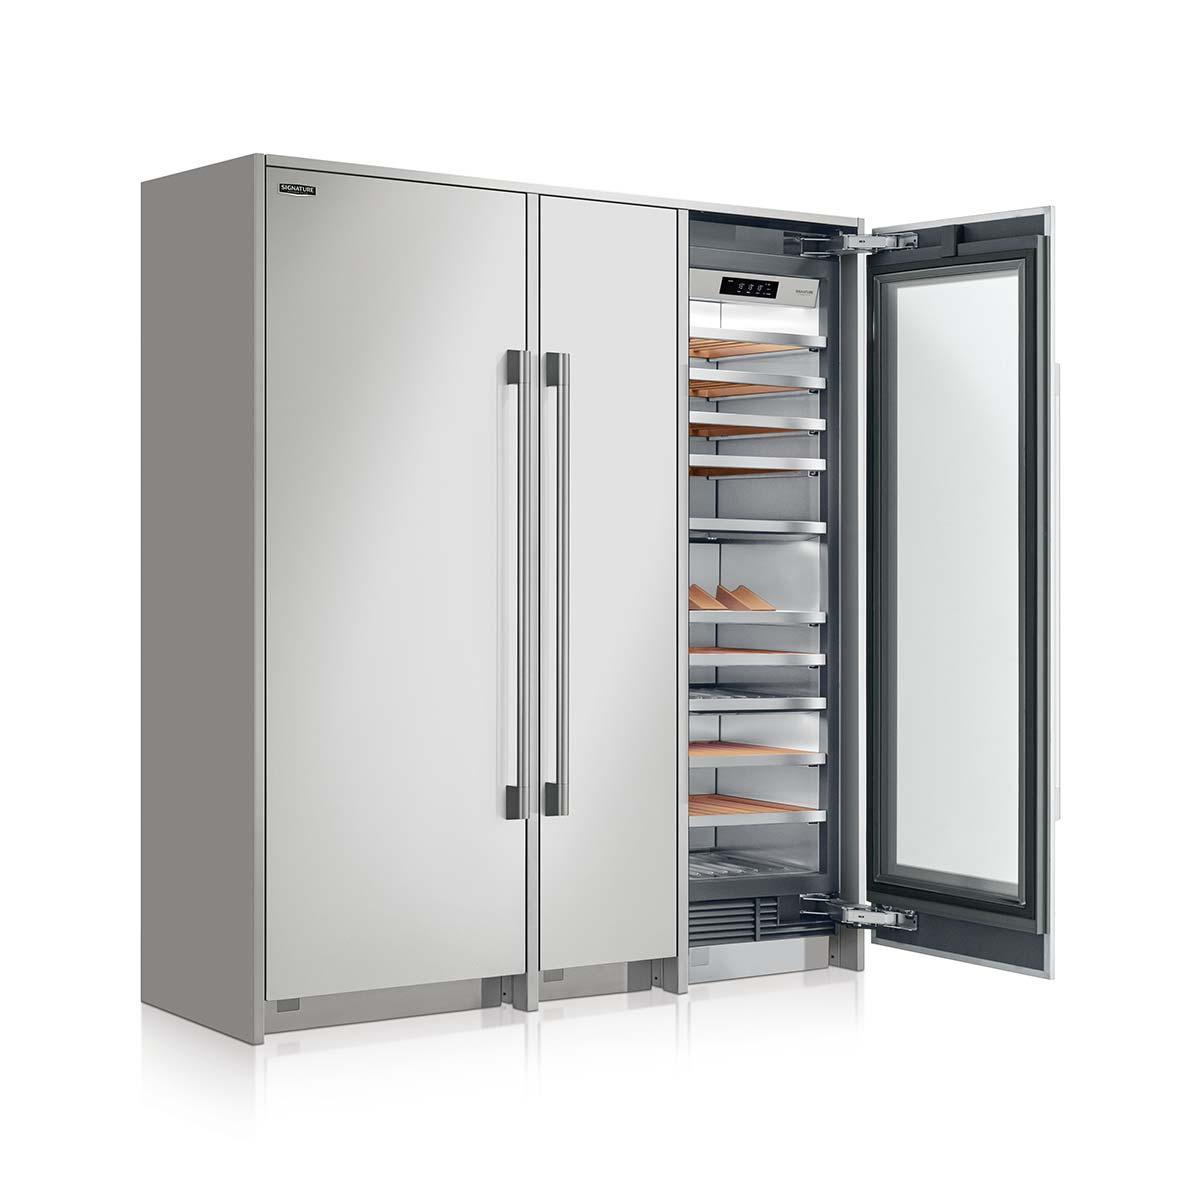 Soluzione combinata freestanding con frigorifero, congelatore e Vino Cantina by Signature Kitchen Suite